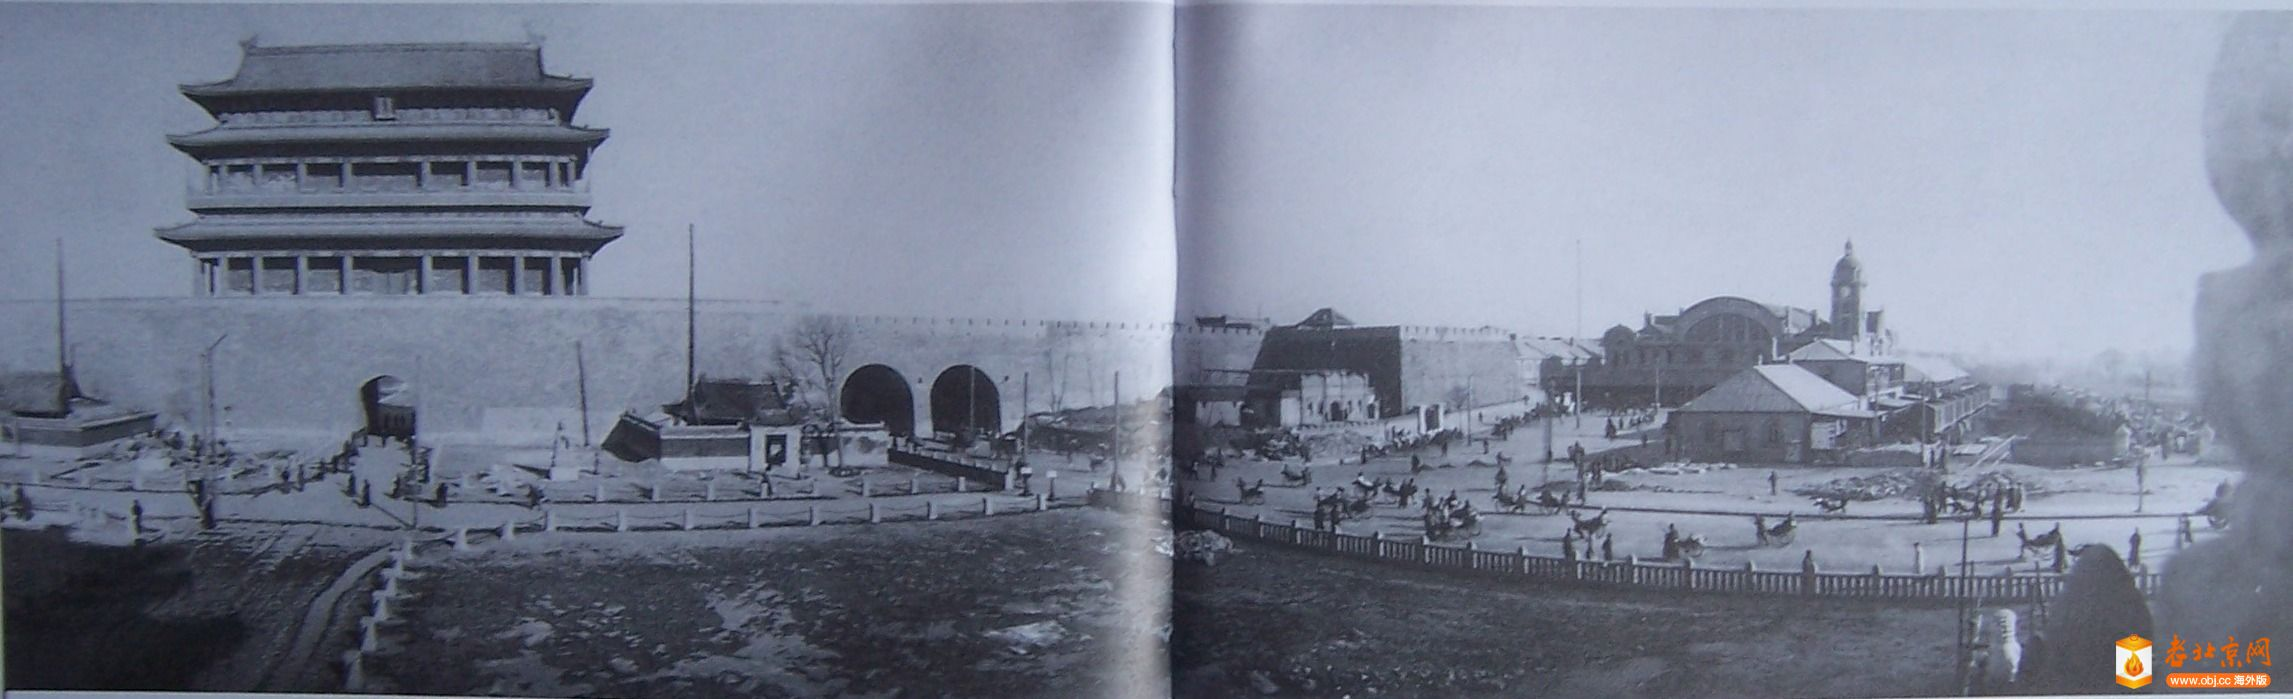 1915年正阳门外东面马路工程竣工.JPG